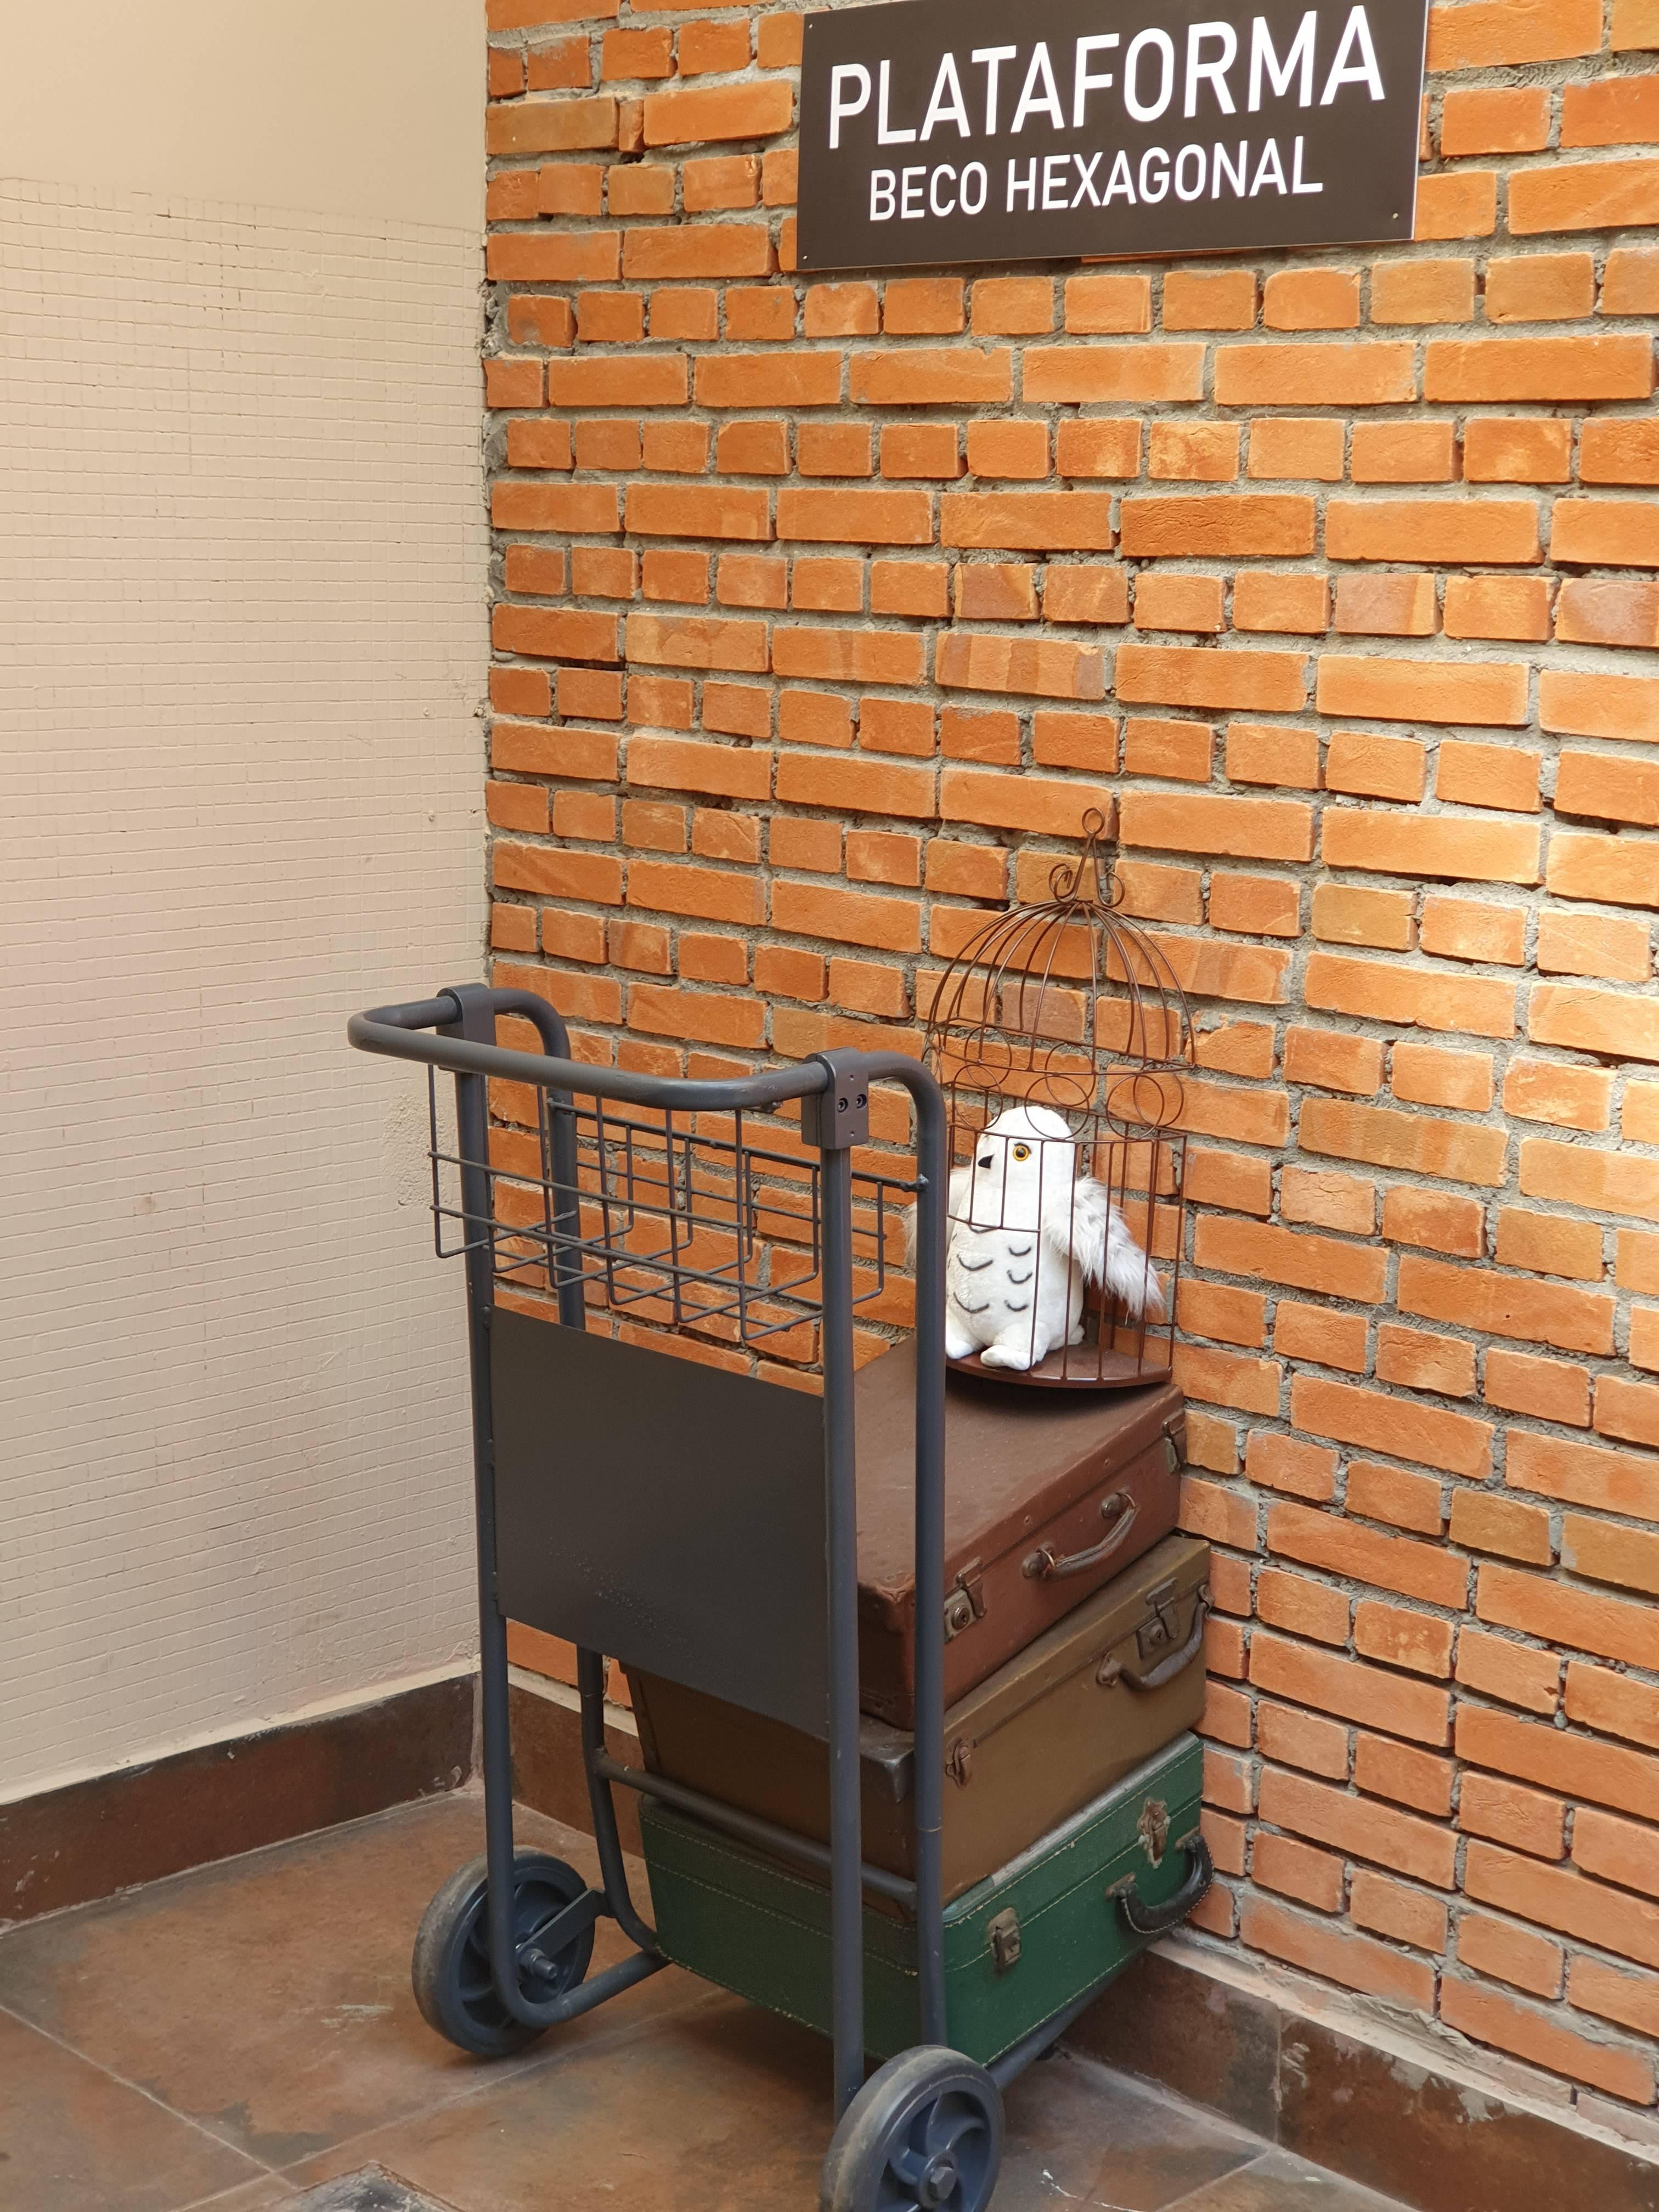 Carrinho de malas entrando em parede de tijolos; lê se em placa acima: